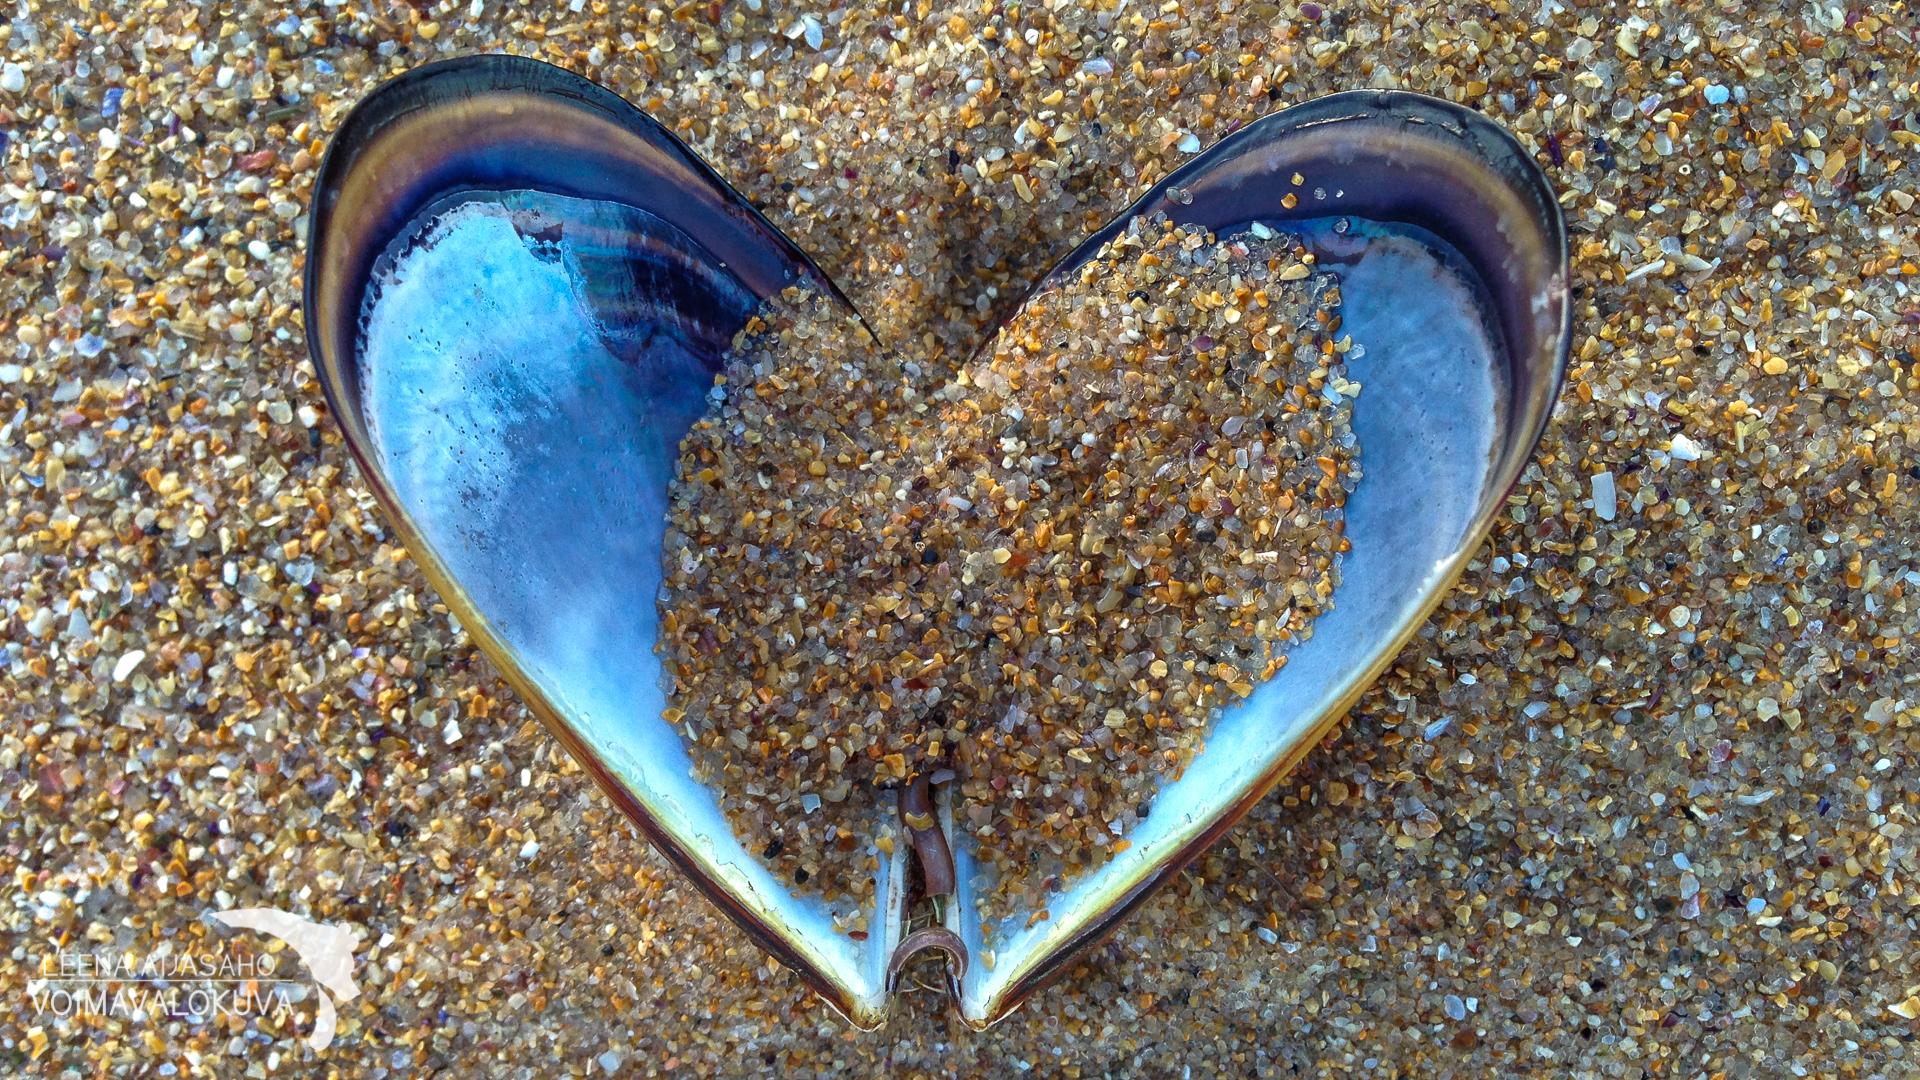 Sydän aamun auringonsäteet blogi